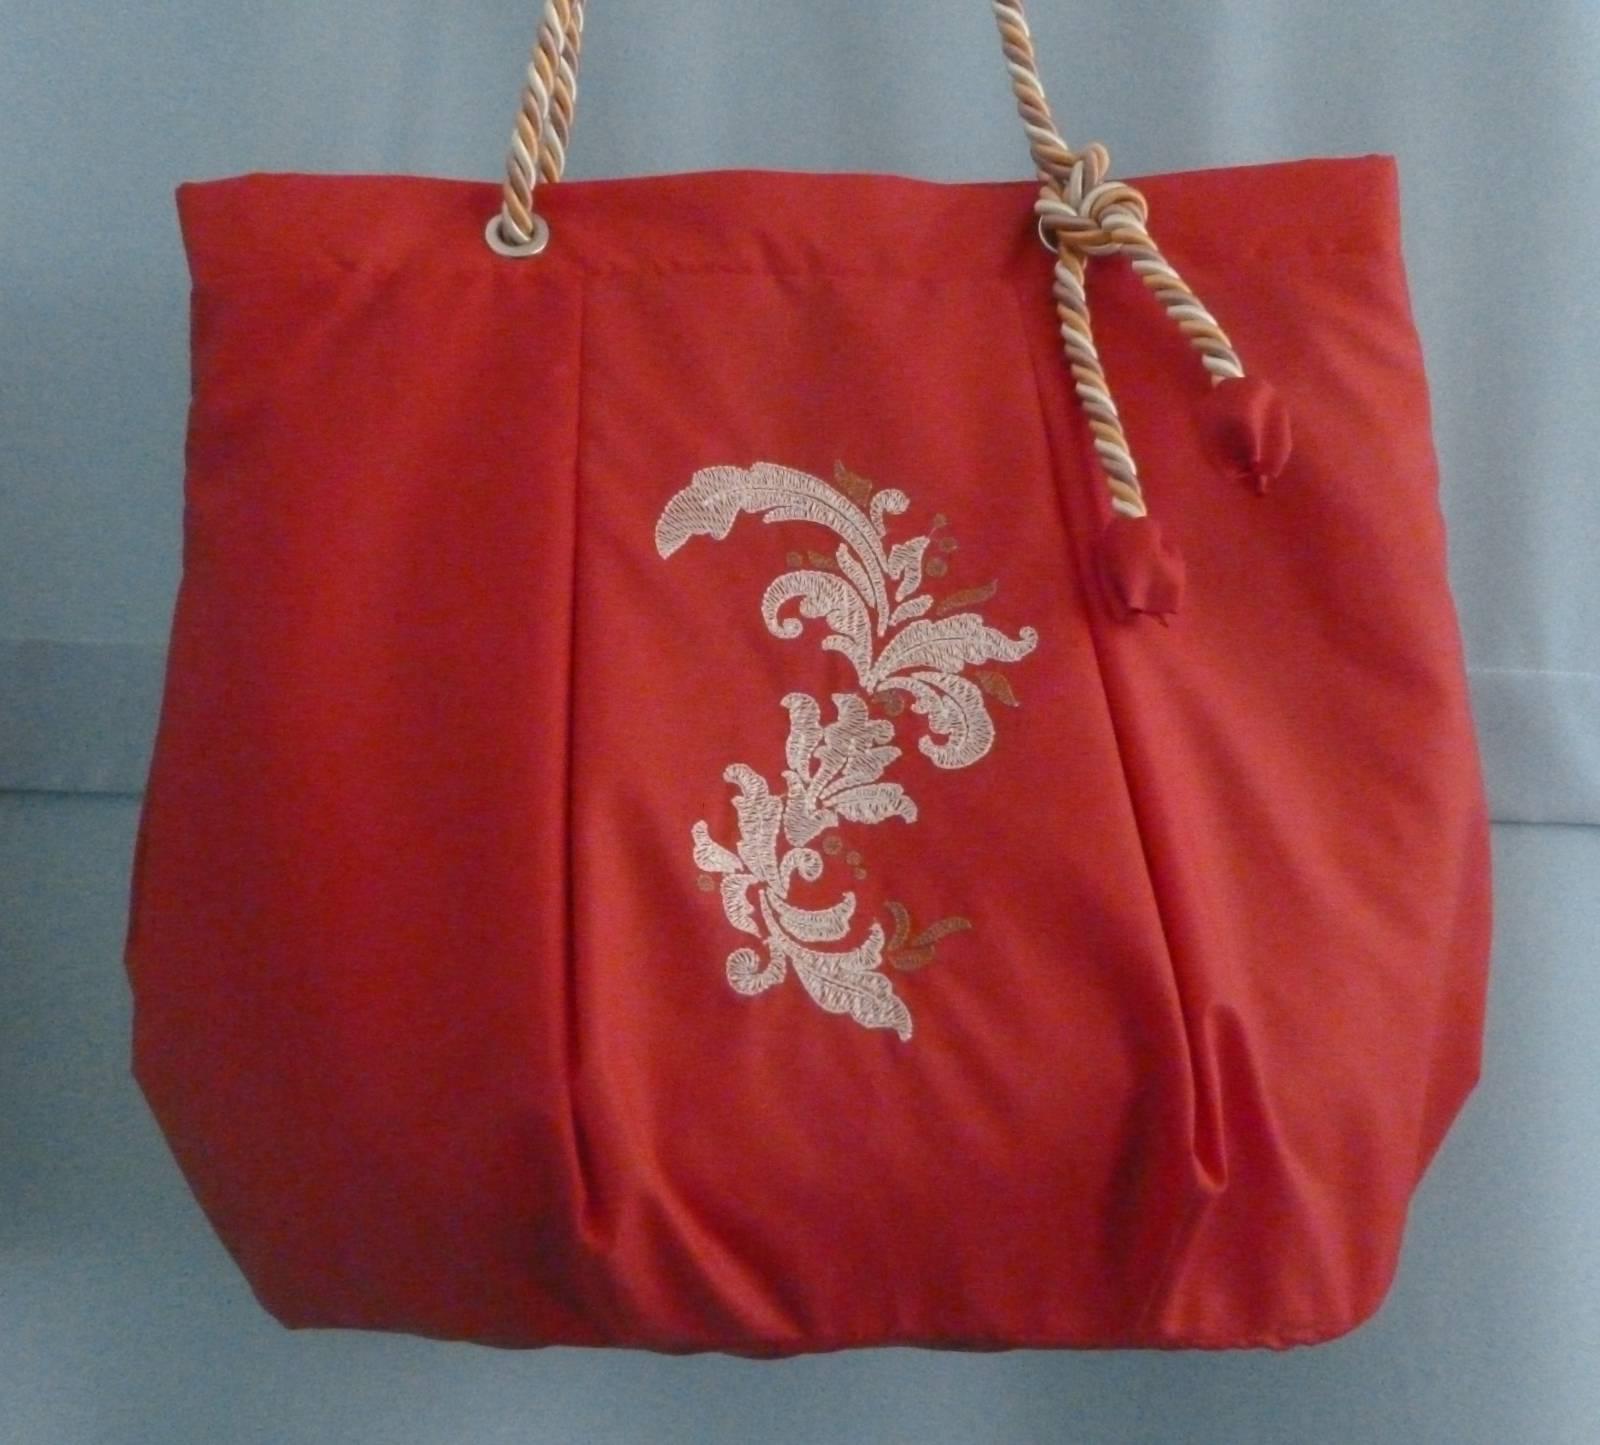 Как пошить сумку из зонта своими руками